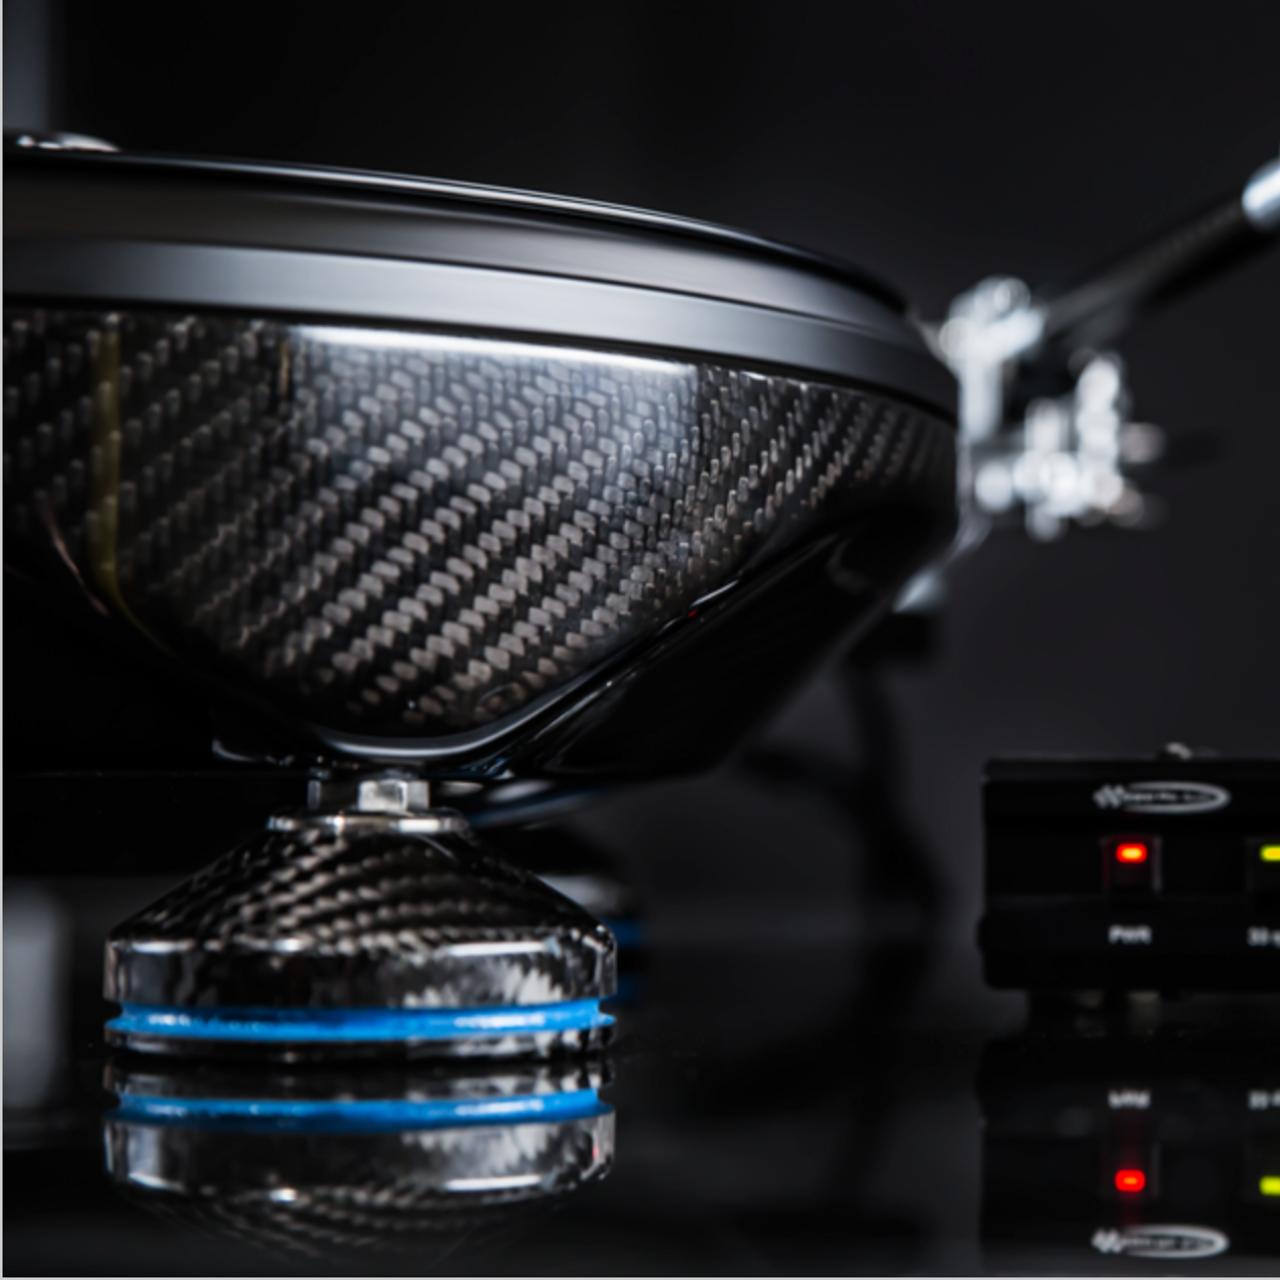 Grand Prix Audio Monaco 2.0 turntable